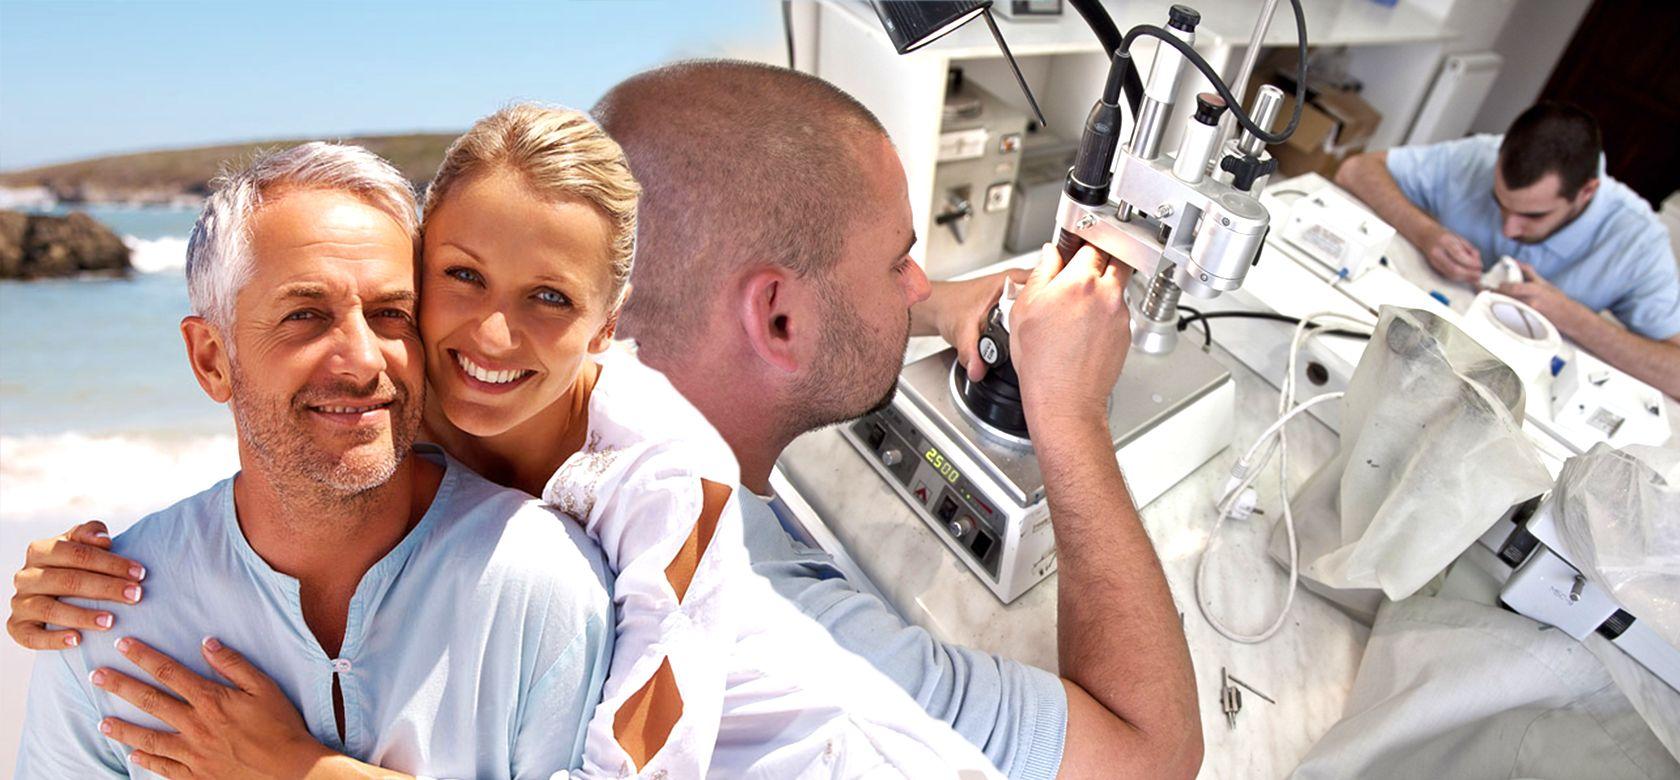 Zahnarztpraxis mit eigenem Zahnlabor = Befriedigng individueller Ansprüche, gutes Preis-Leistungs-Verhältnis, kurze Fristen!